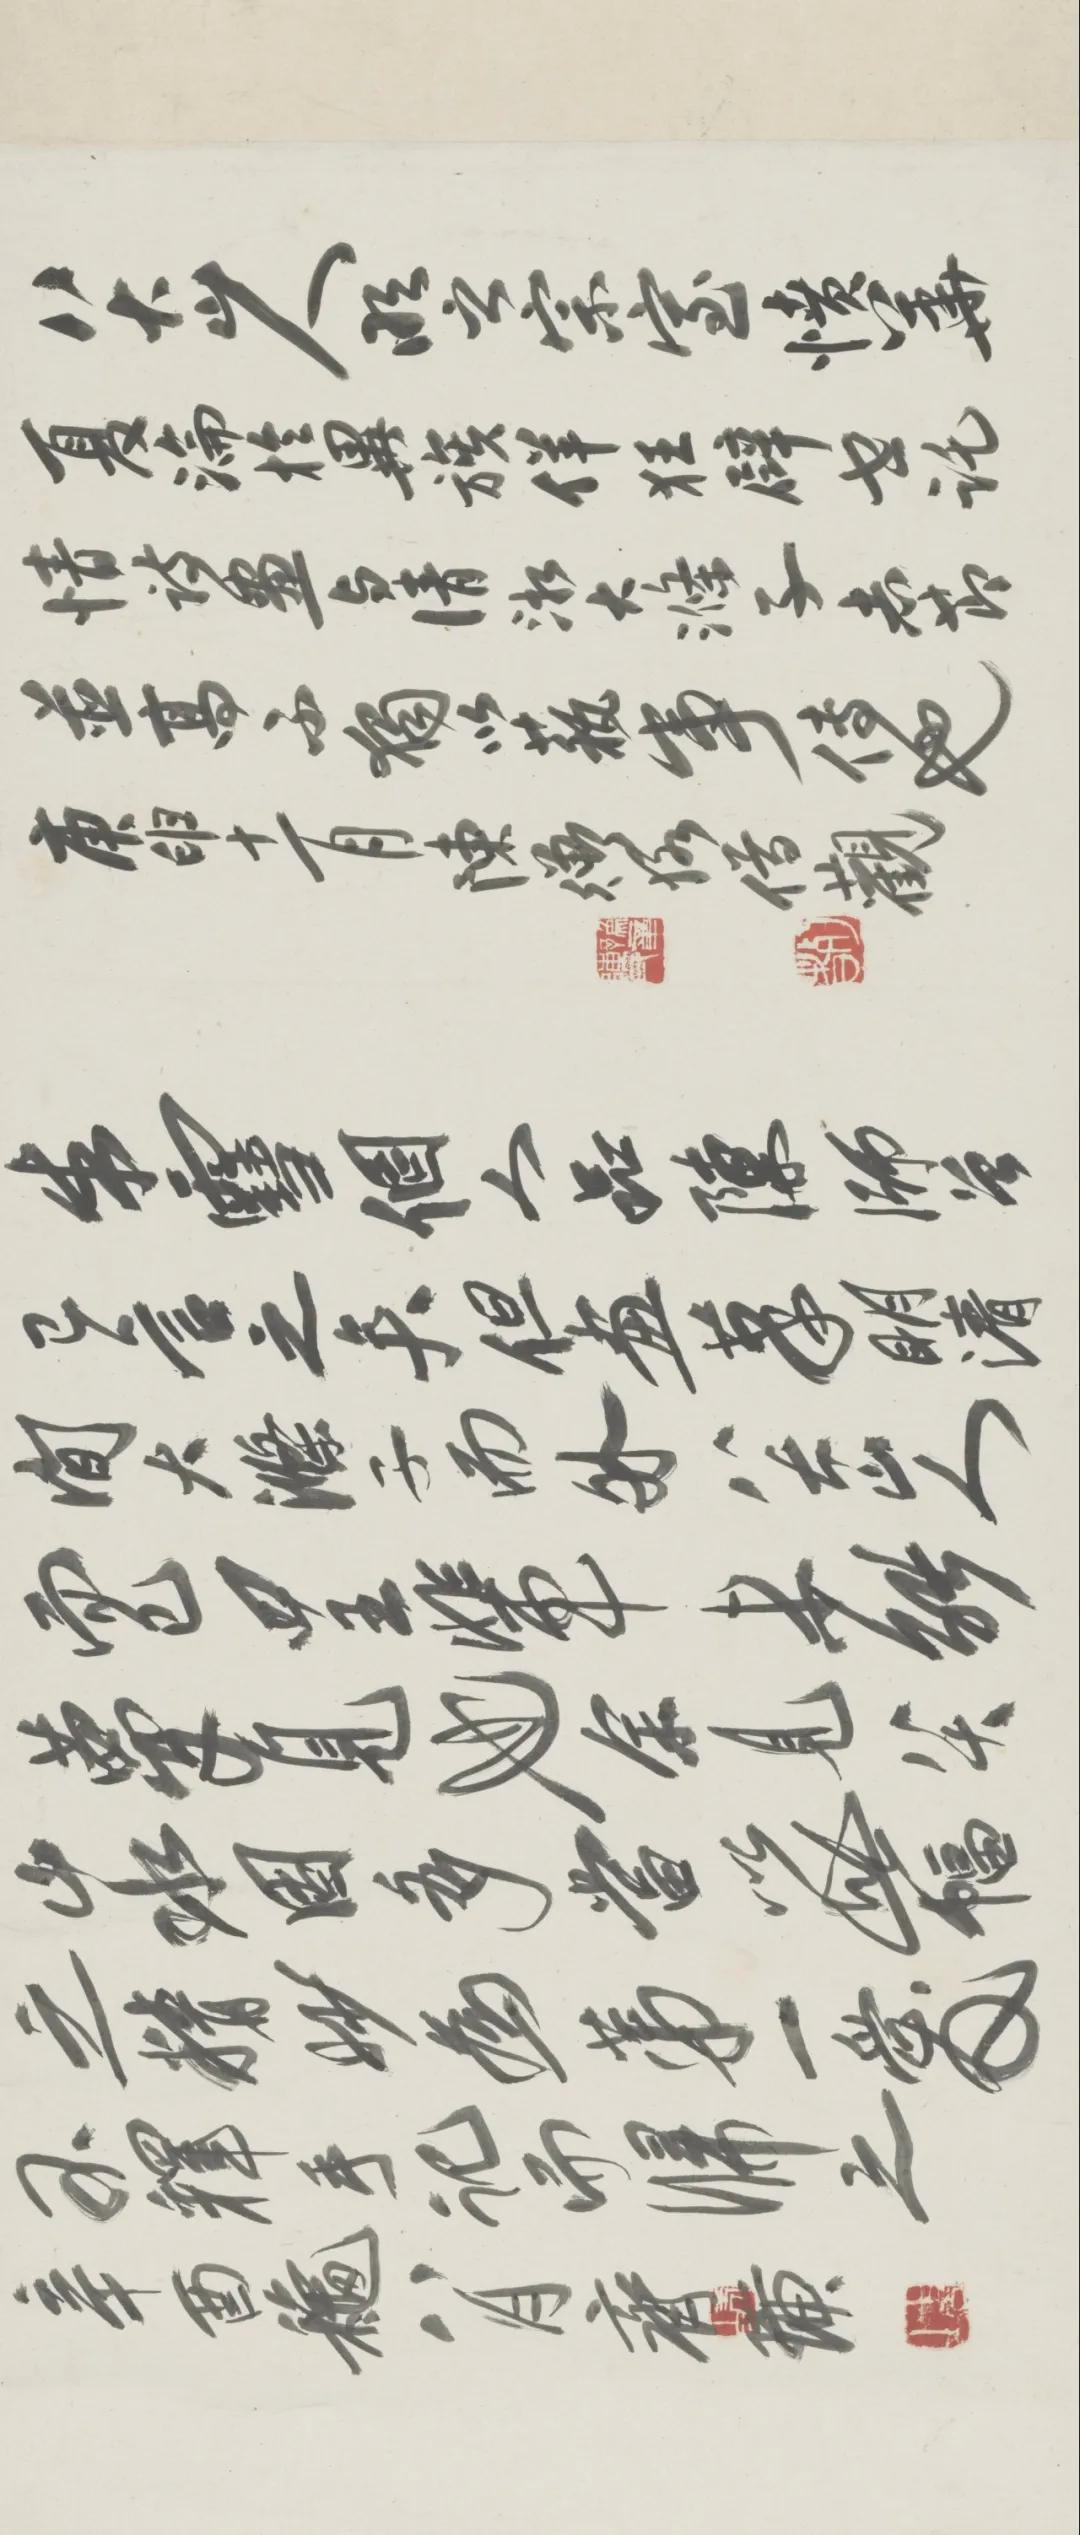 八大山人71岁书《桃花源记》长卷